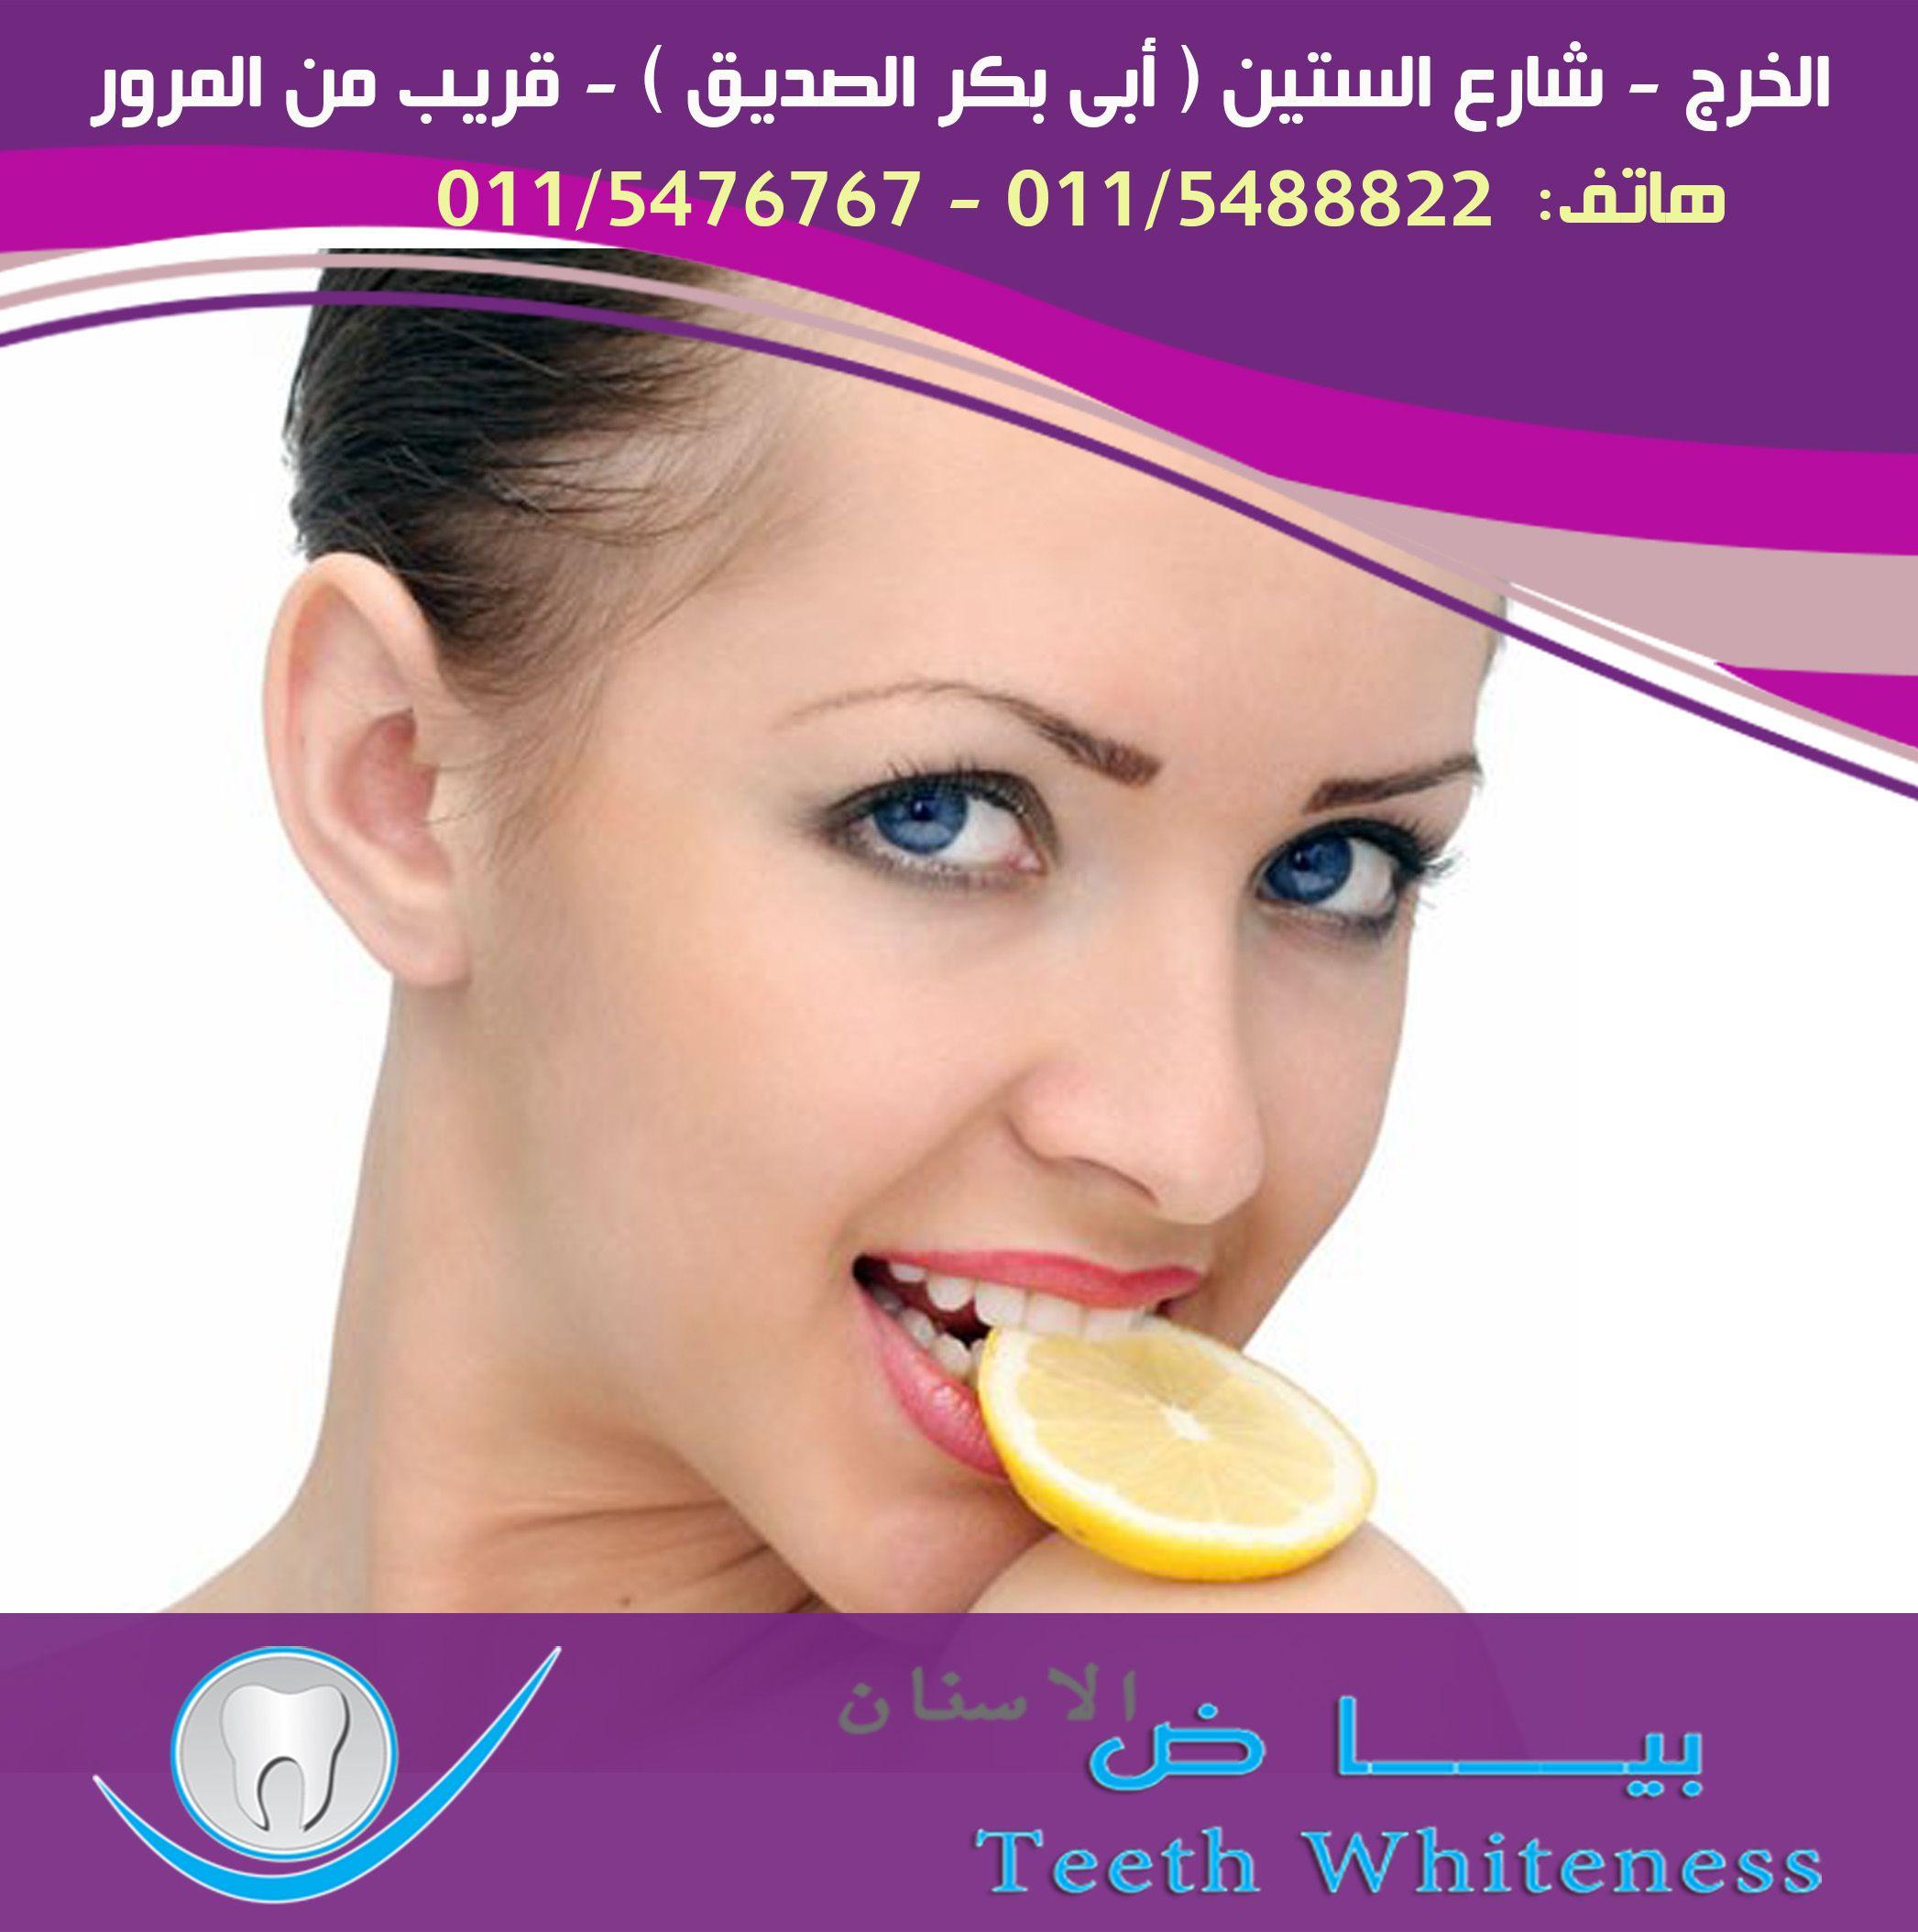 الثوم وبكتيريا الفم يتم علاج التهاب اللثه عن طريق الثوم فالثوم يقتل جميع الجراثيم الموجوده في الفم وفص واحد يتم Nils Incoming Call Screenshot Incoming Call